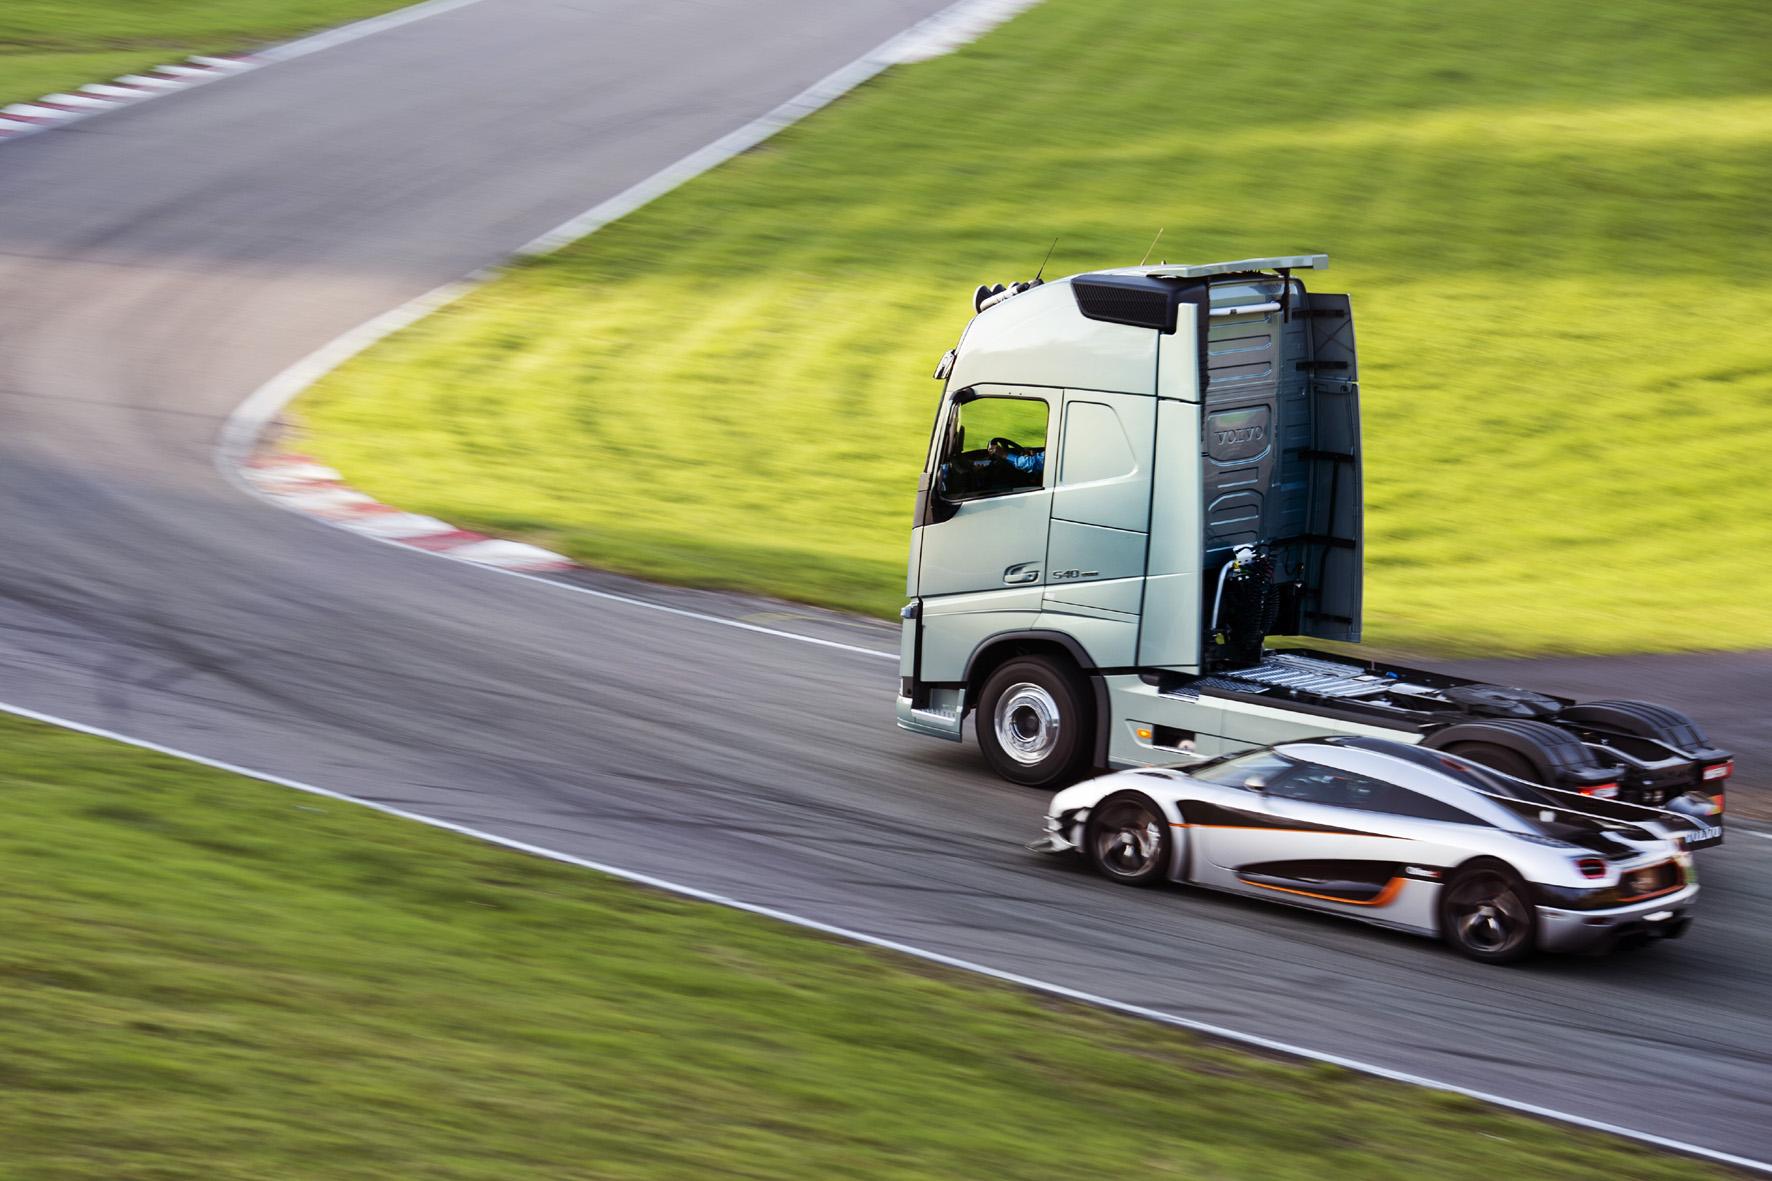 Wettrennen: Truck gegen Sportwagen